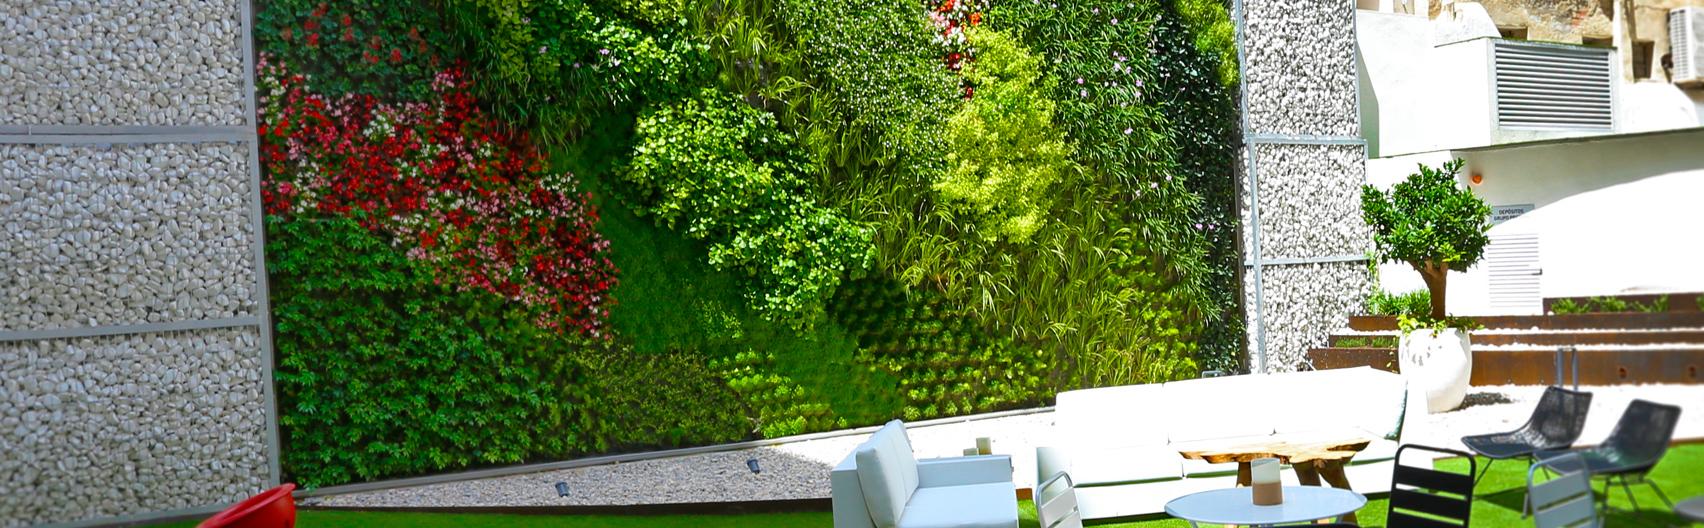 Proyecto Jardín vertical residencia privada – Alicante. Paisajismo Urbano, 2019